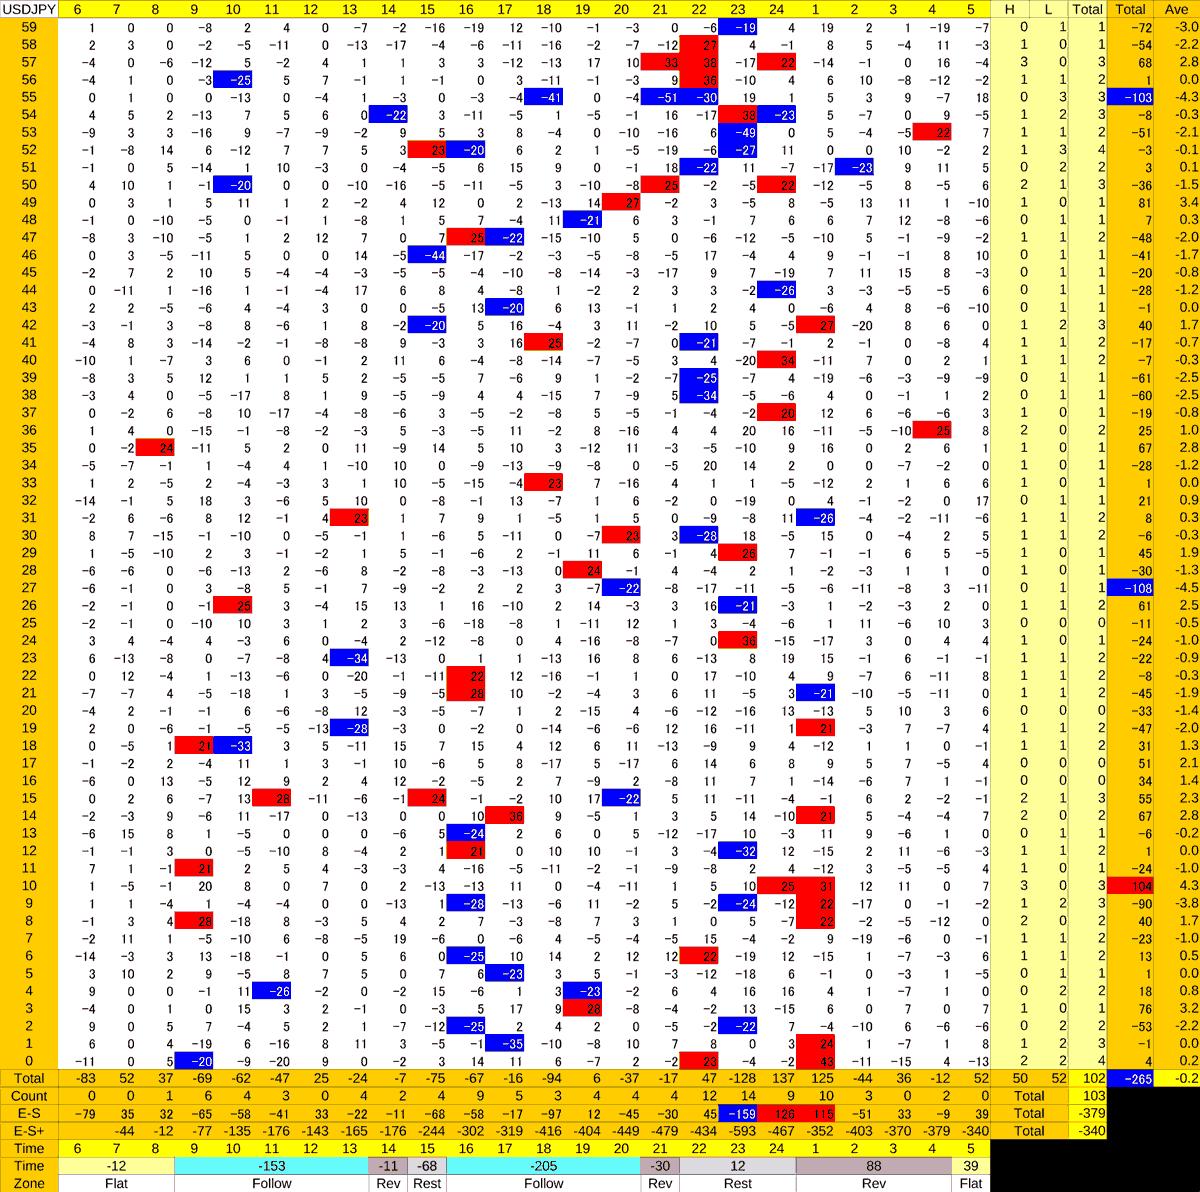 20201217_HS(1)USDJPY